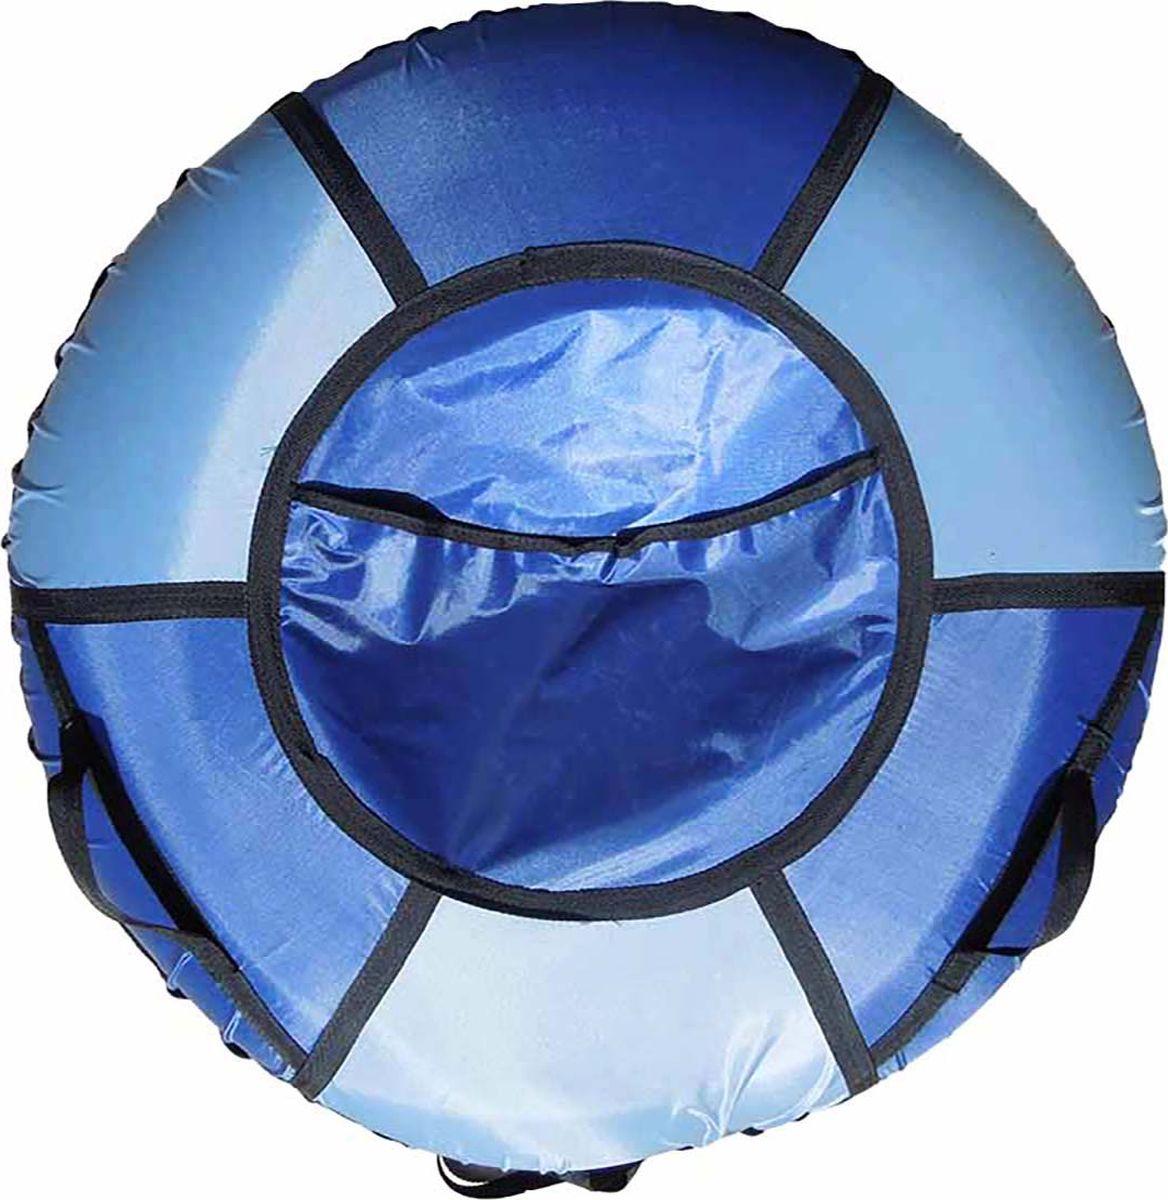 Тюбинг Эх, Прокачу! Профи-6, цвет: серый, синий, 85 смСП85-6-4Качественные бюджетные санки-ватрушки для катания по снегу. Дно и верх изготовлены из ткани ПВХ 630г/м2. Камера российского производства.Буксировочный ремень. Морозоустойчивость: -45°С. Допускается деформация формы санок из-за неравномерности надутия камеры.